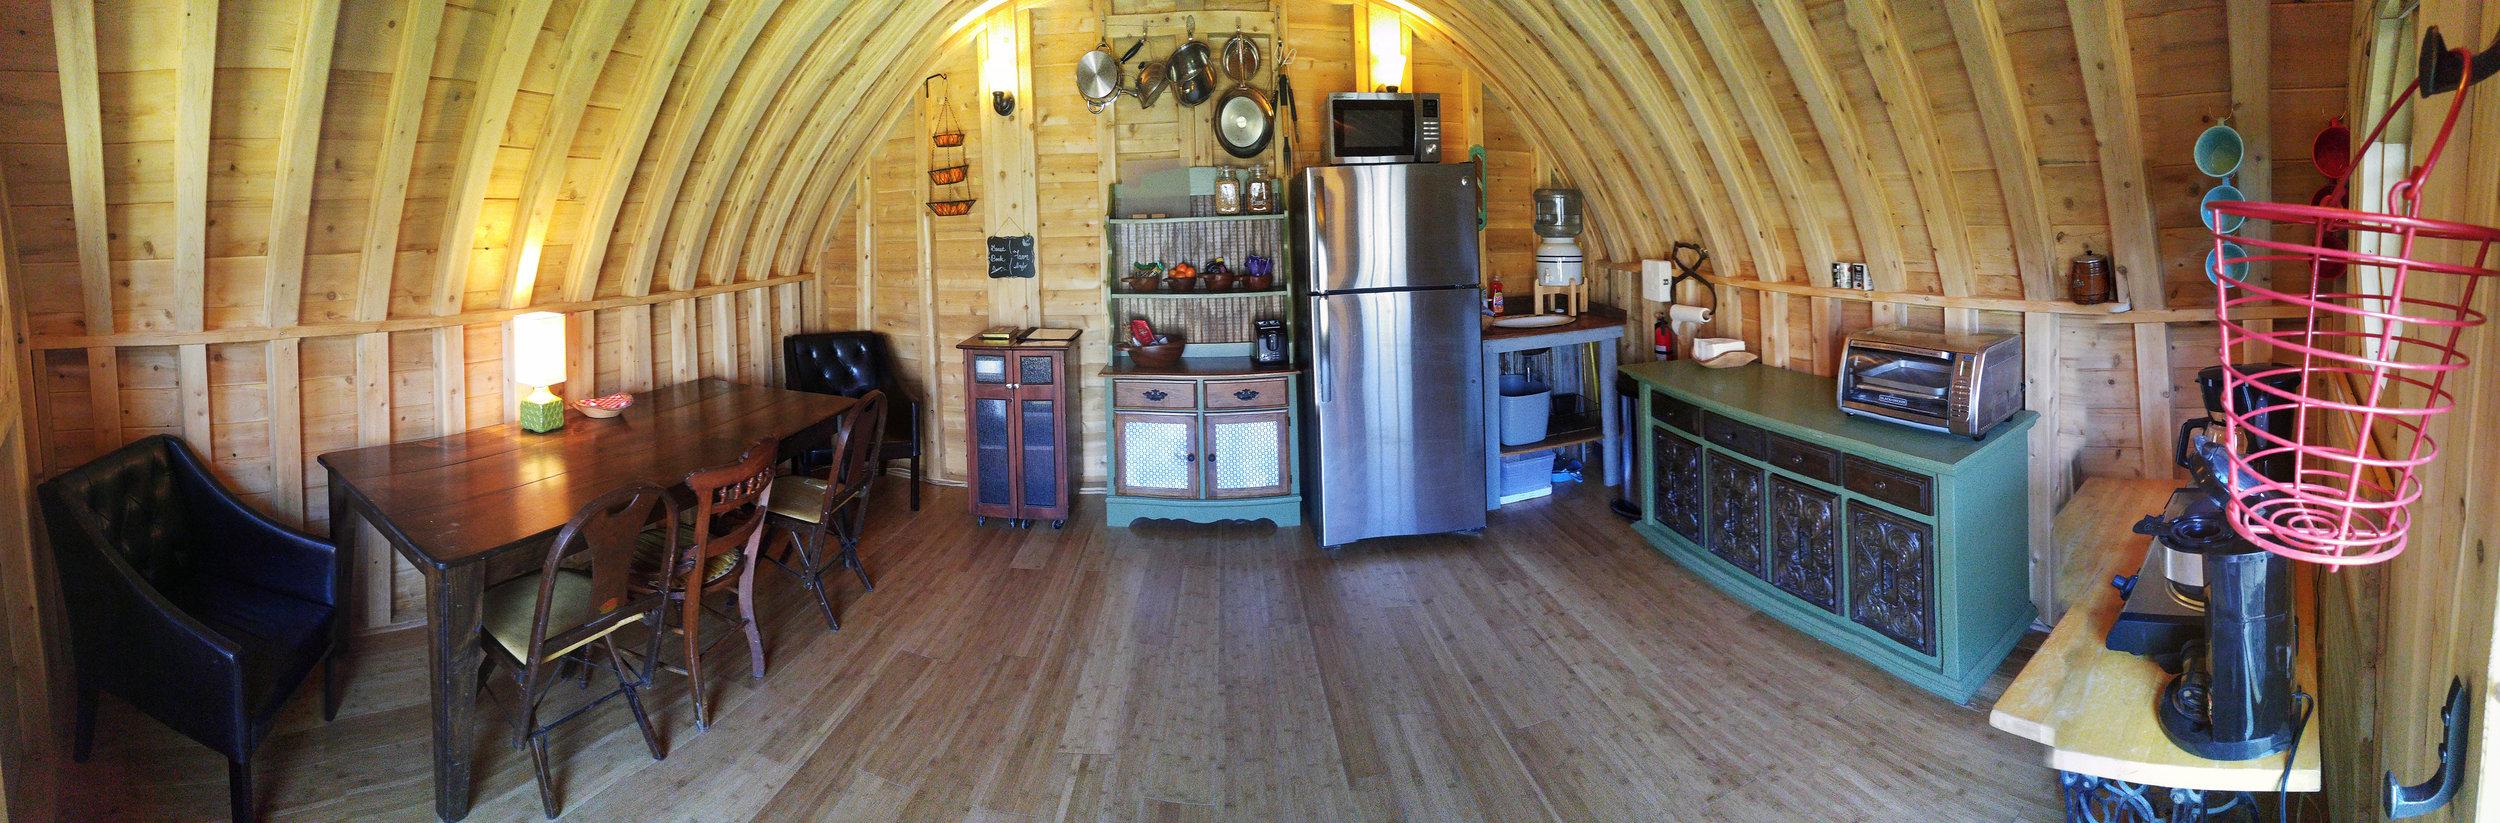 Green hut inside.jpg